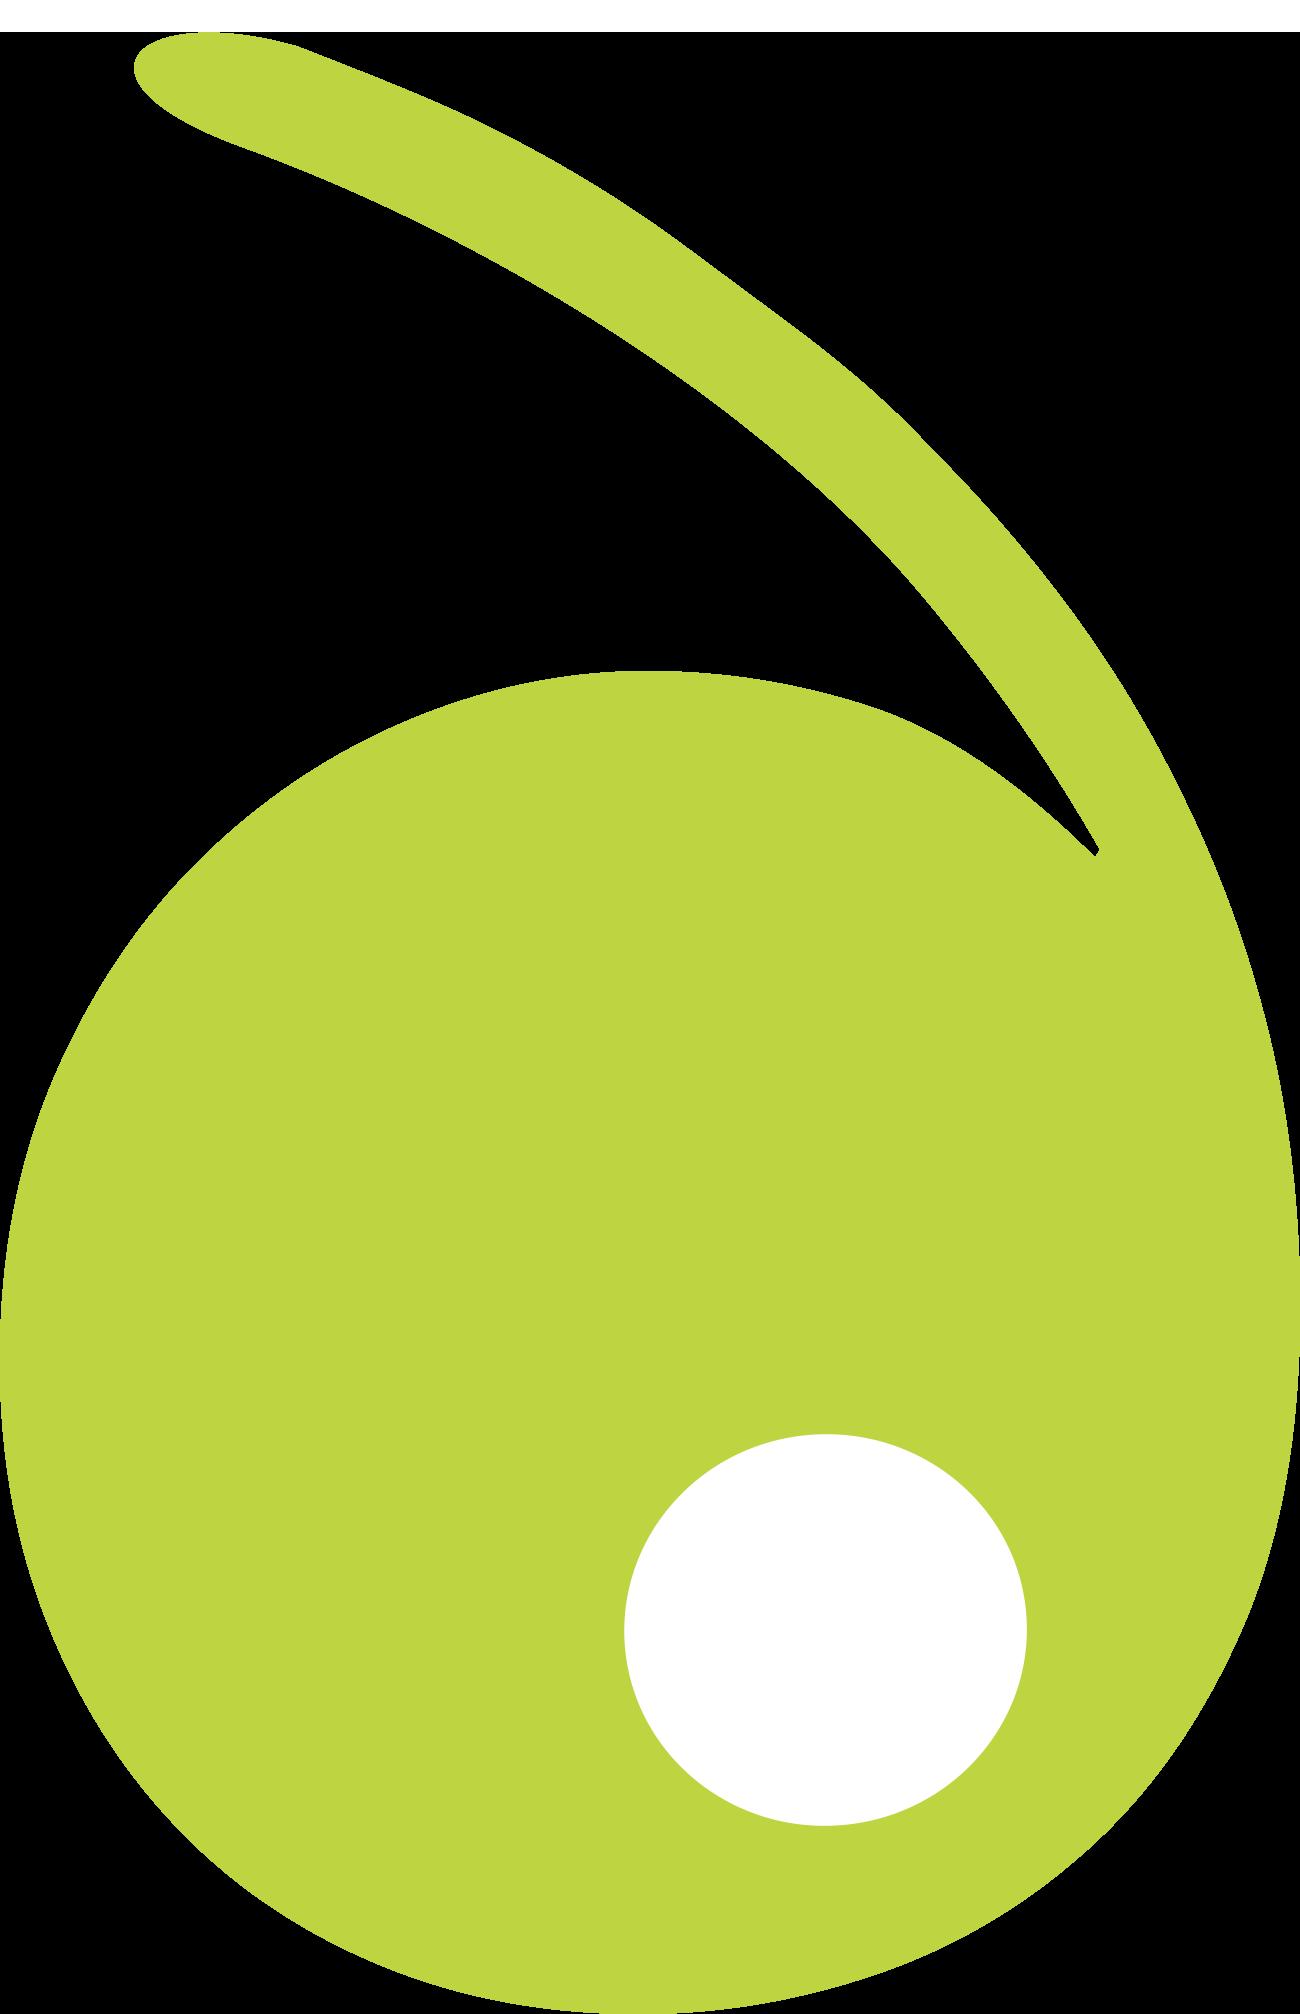 devitka-znak-zeleny